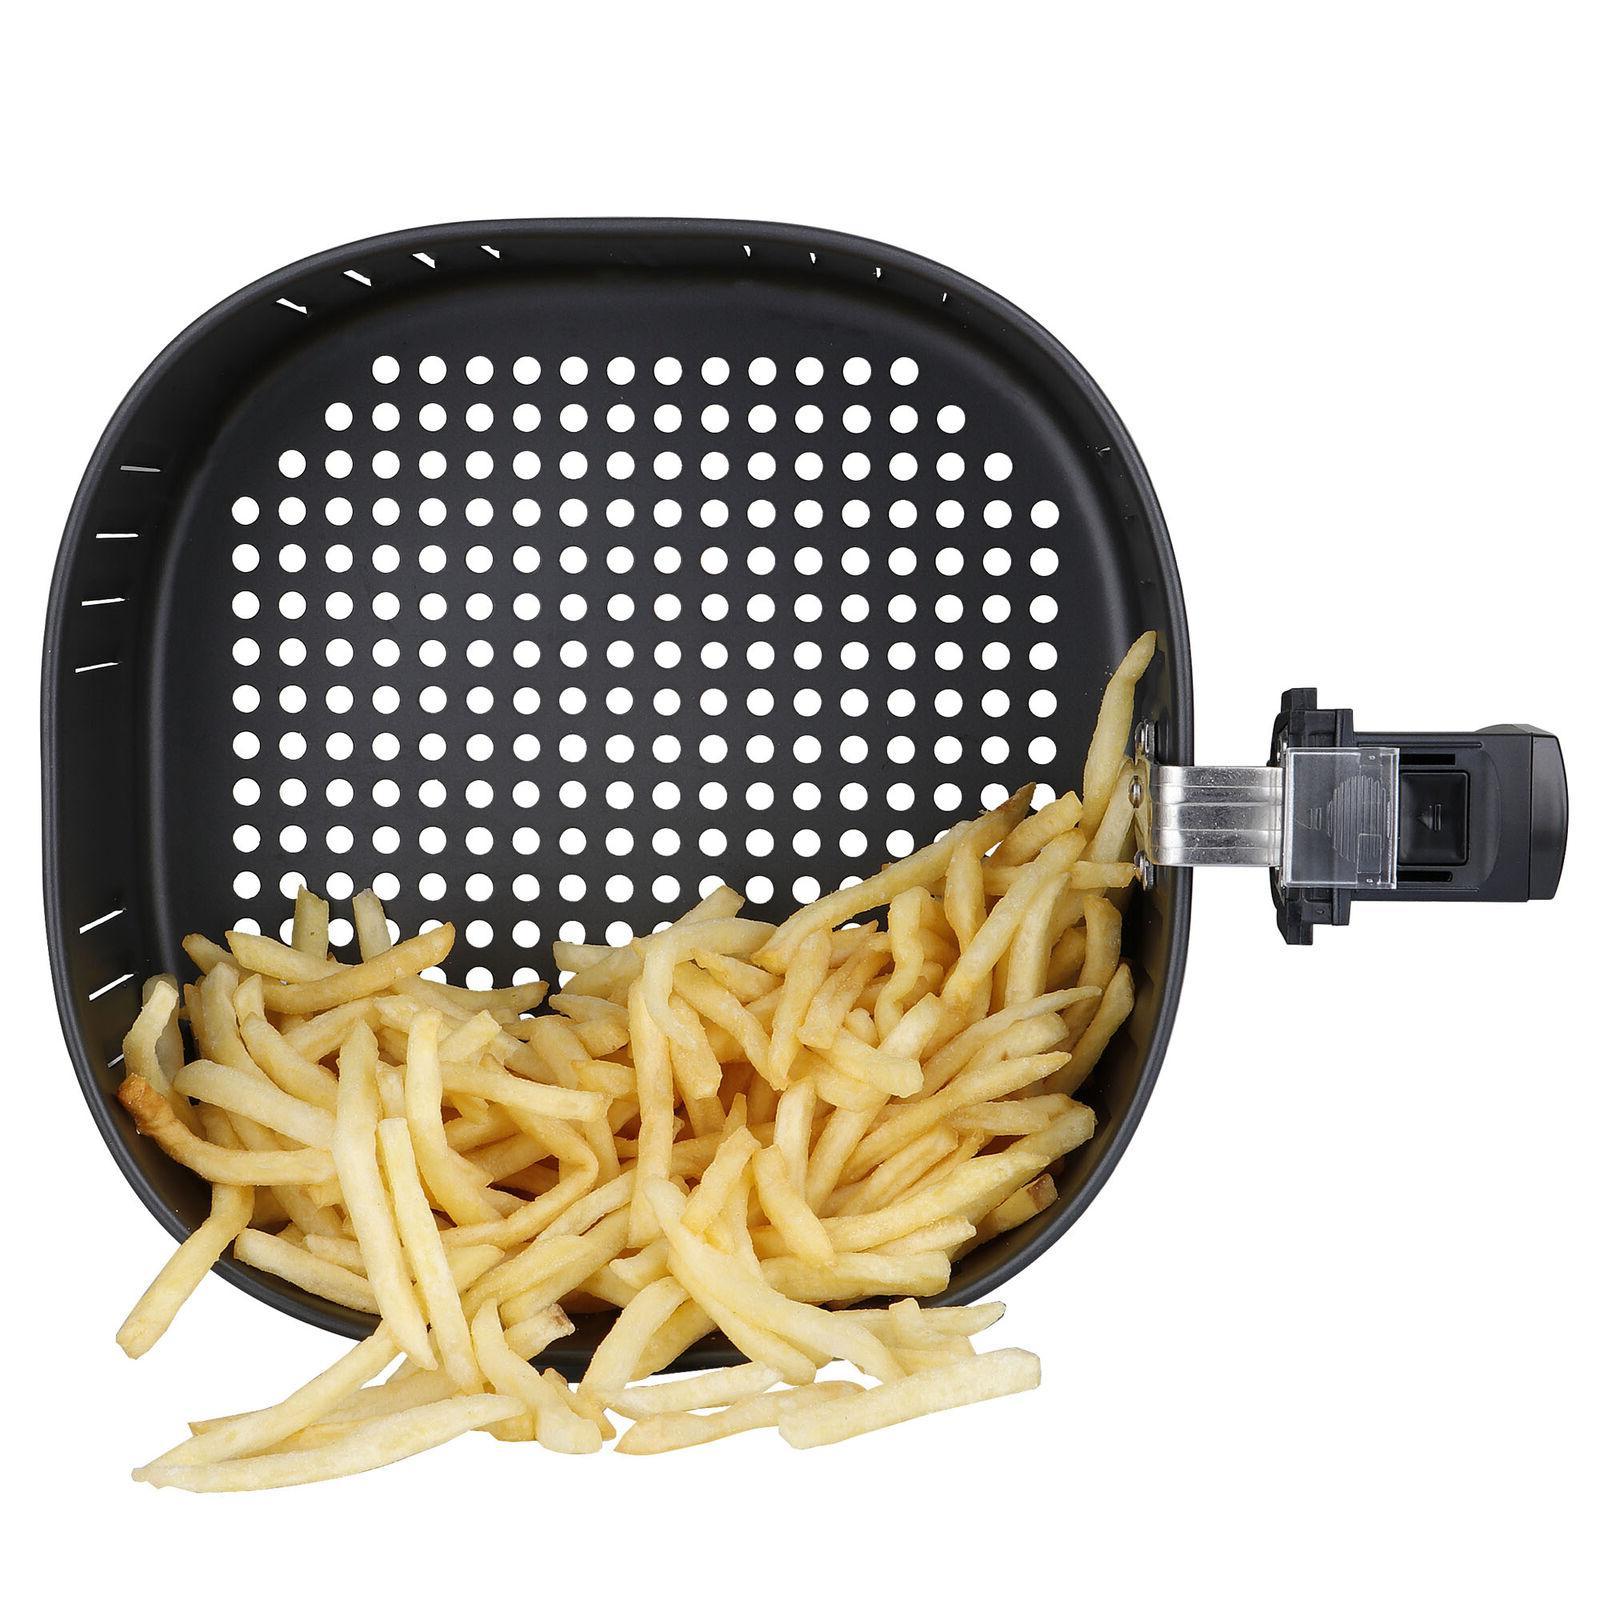 7.6QT Large Fryer w/Capacity Digital